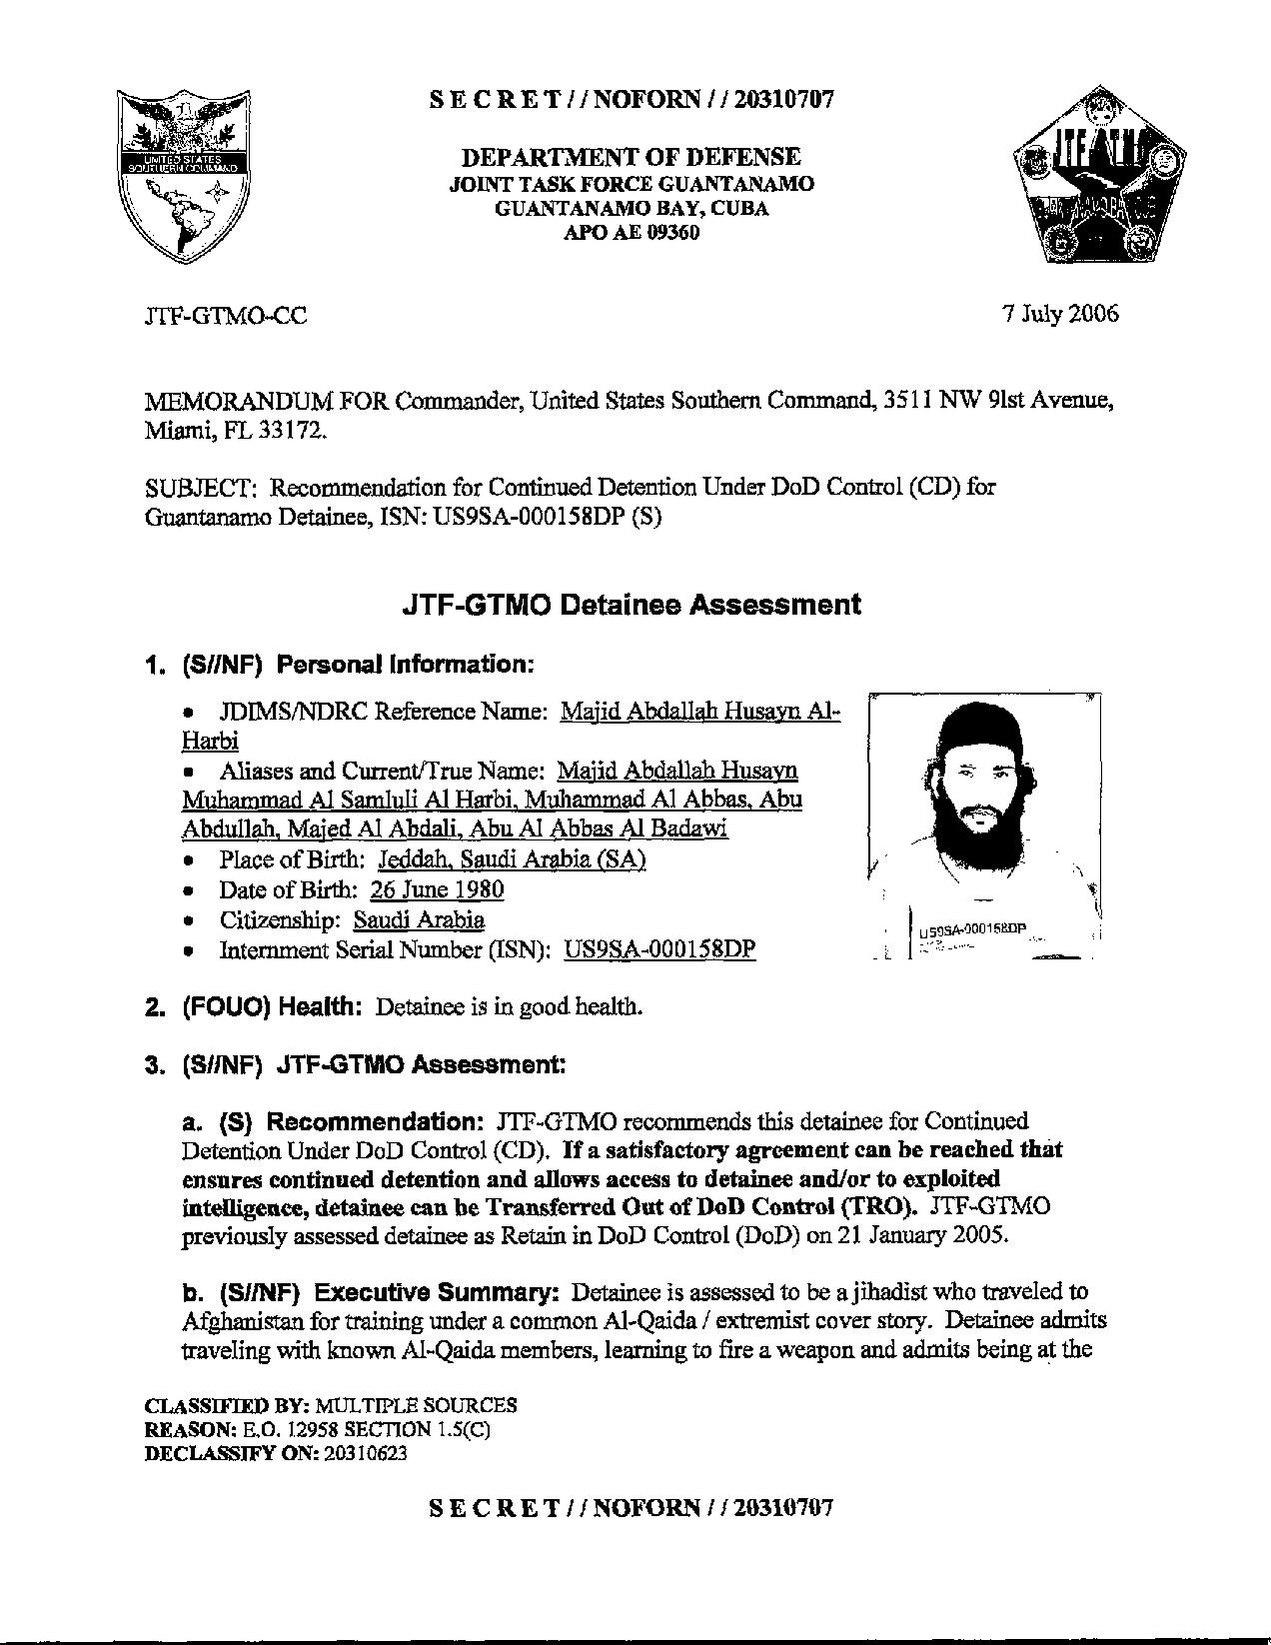 ISN 00158, Majid Abdatlah Husayn Al-Harbi's Guantanamo detainee assessment.pdf